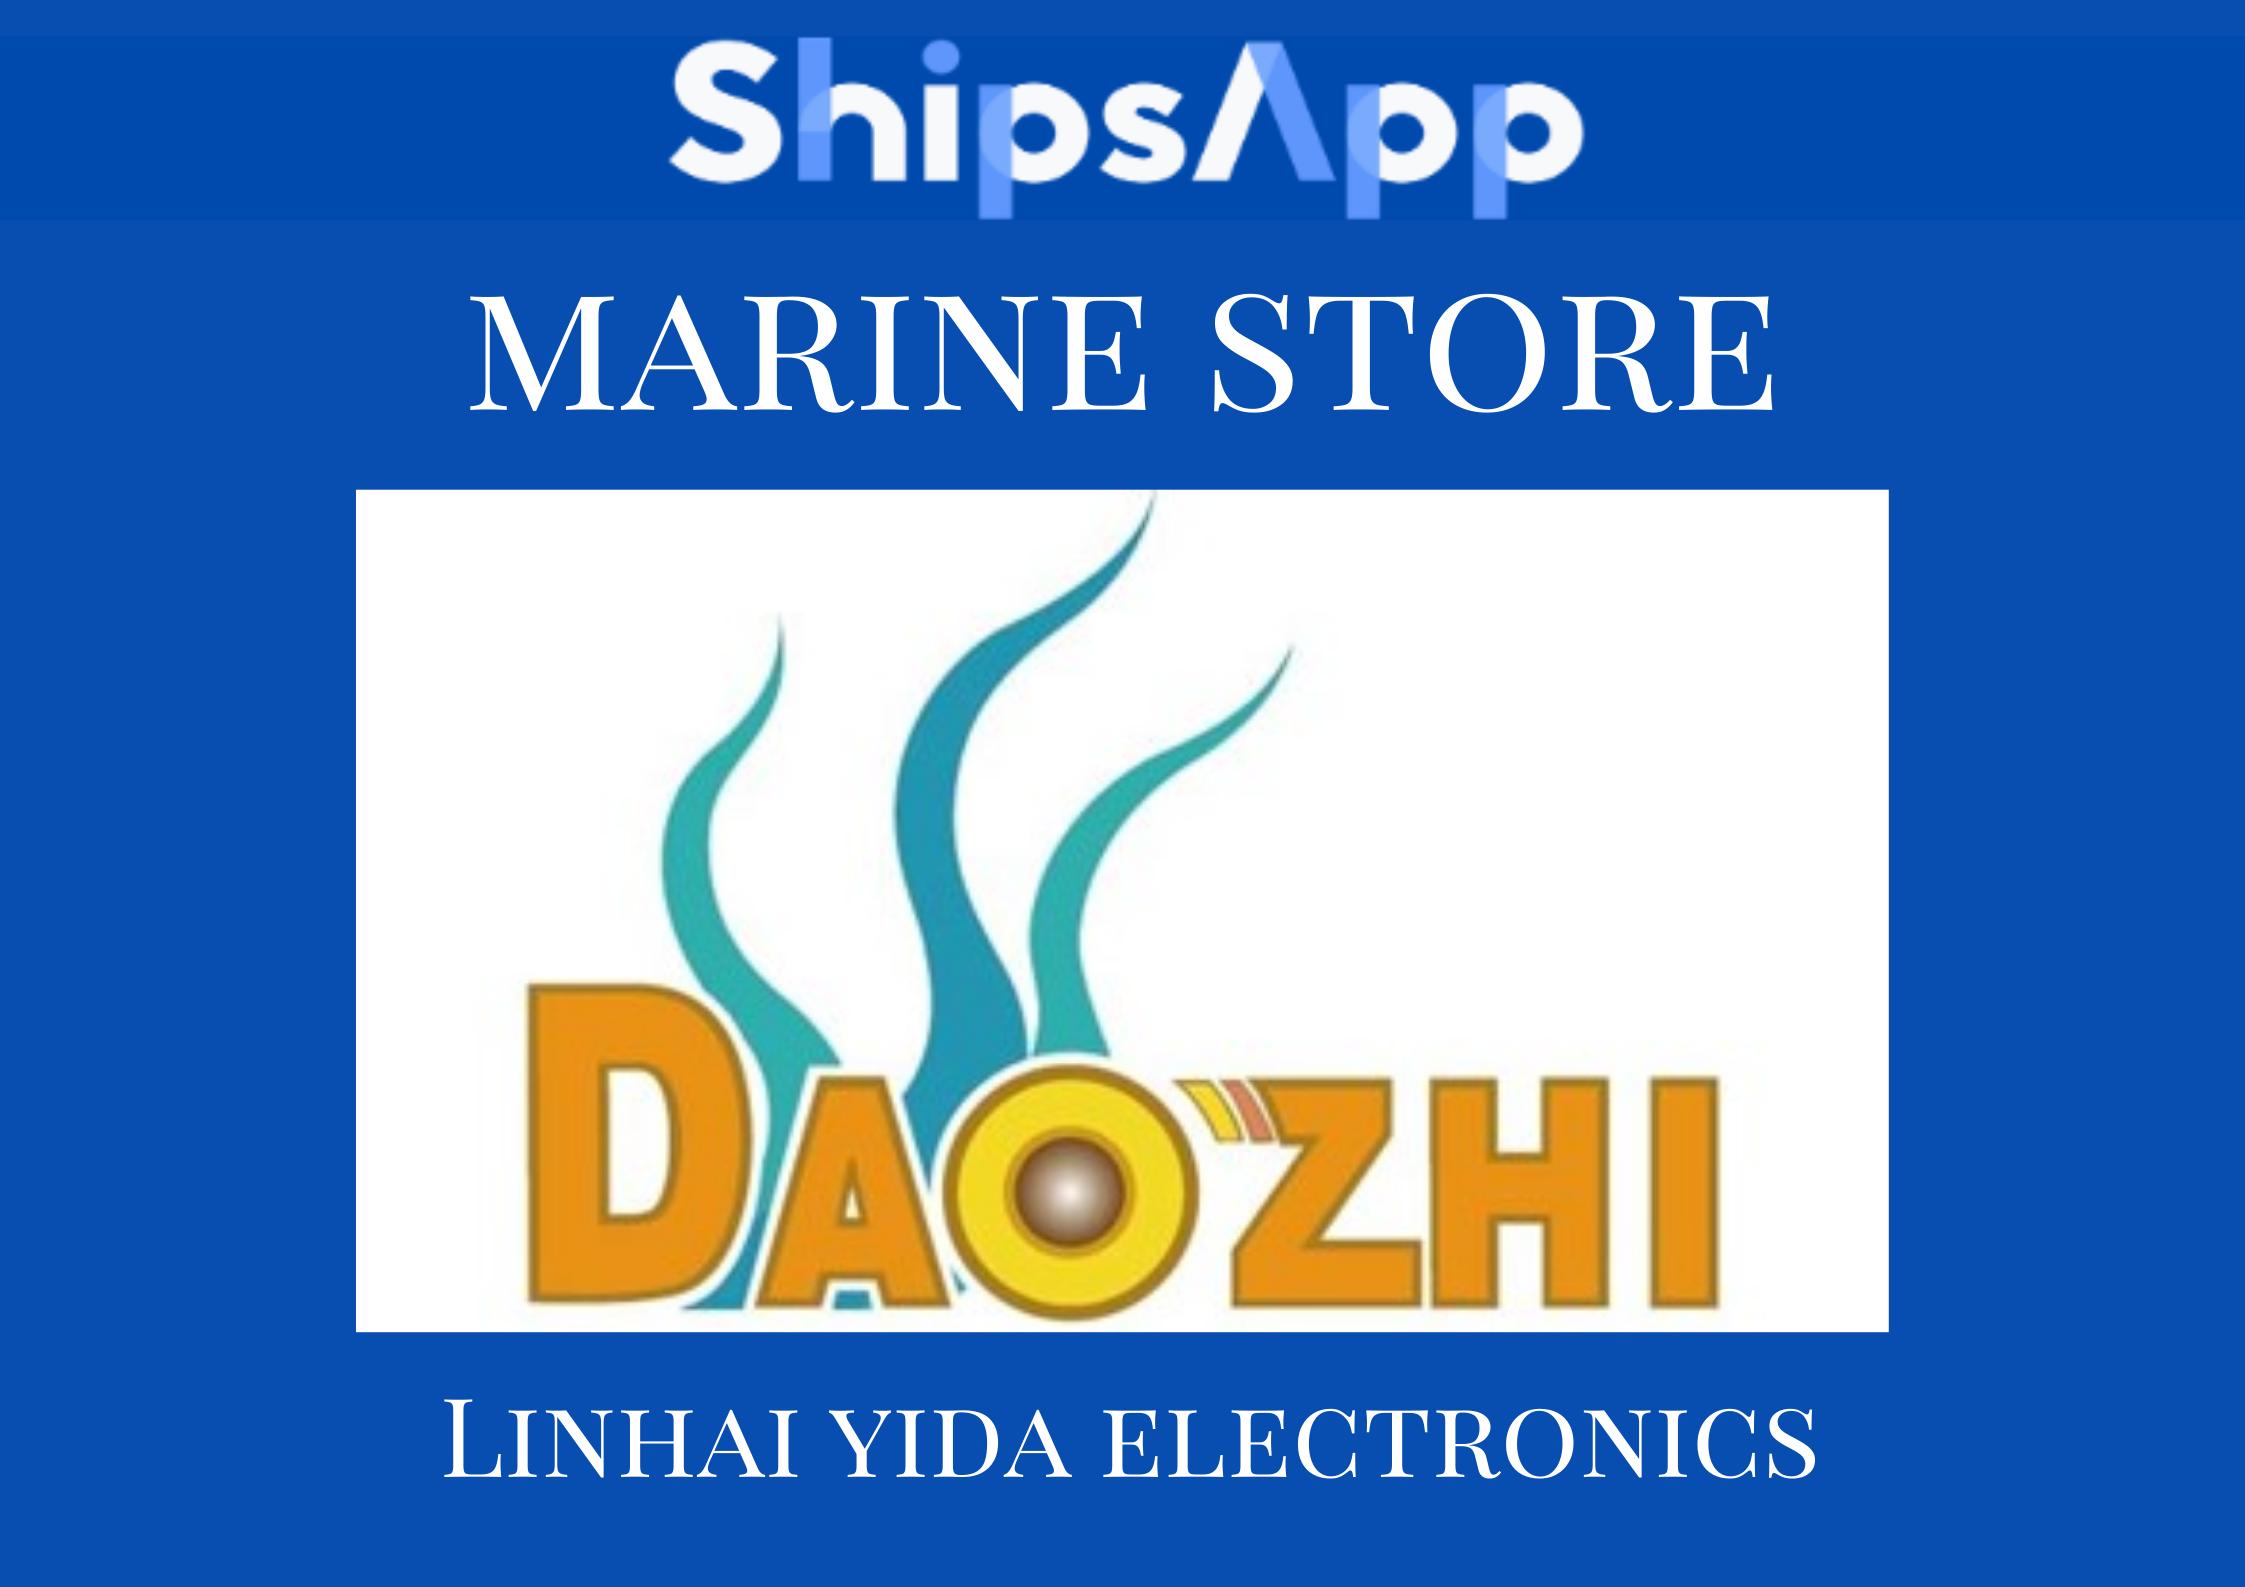 Marine Store Linhai Yida Electronics